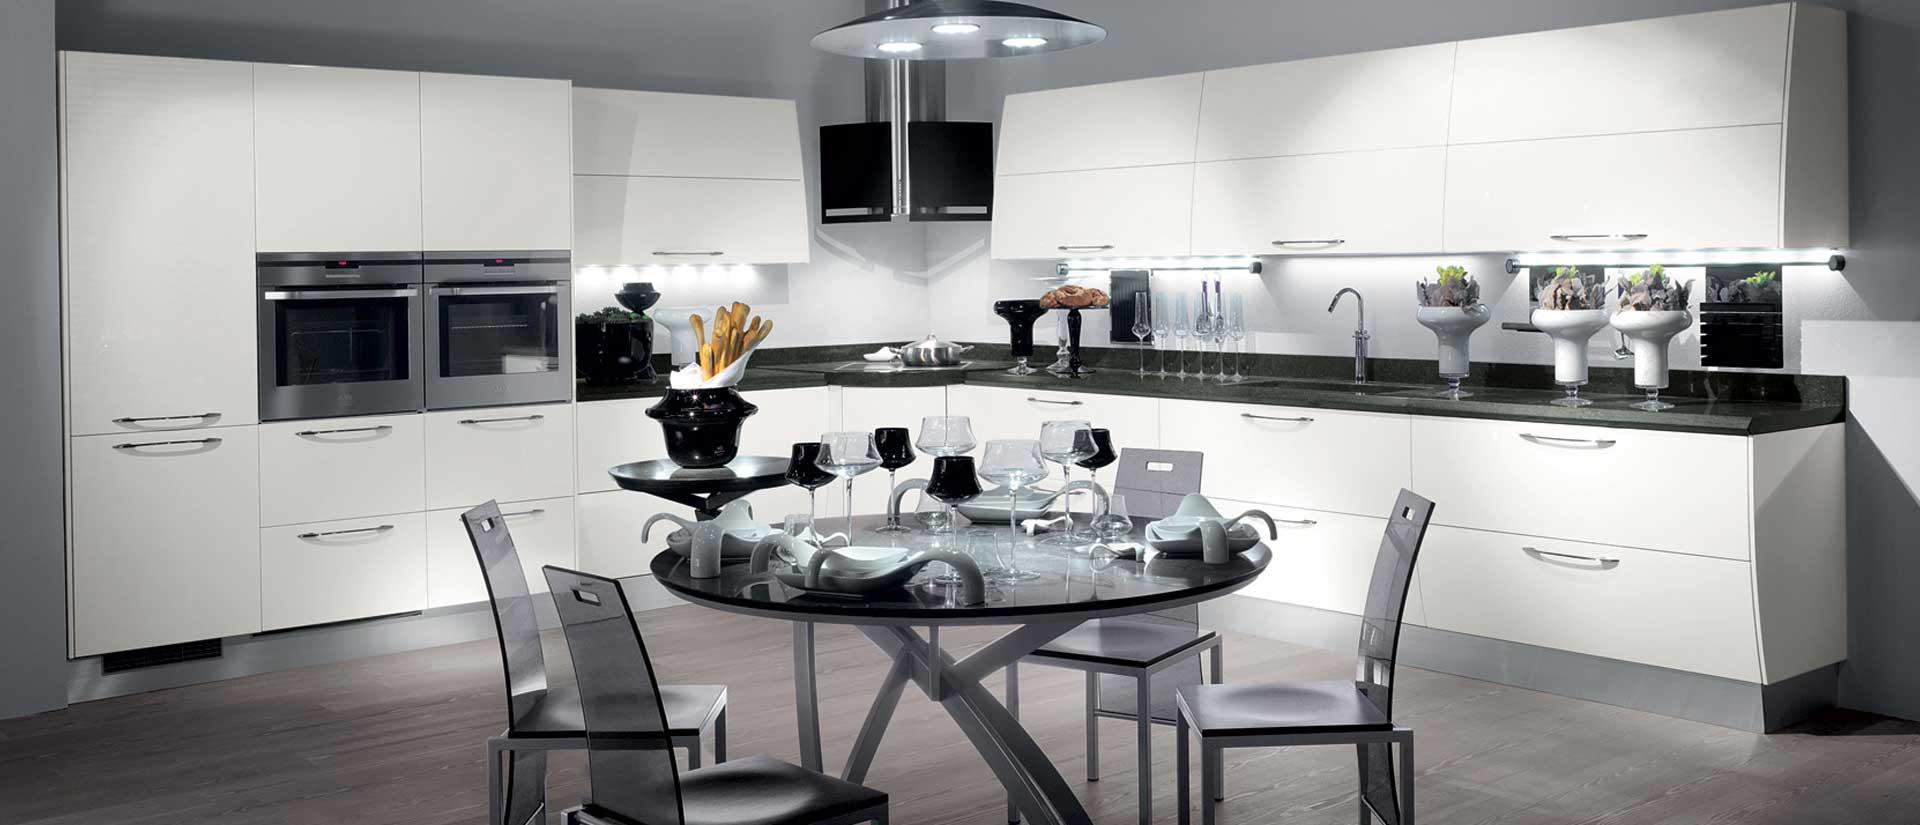 Tutti i dettagli del progetto cucina scavolini flux for Scavolini pareti attrezzate